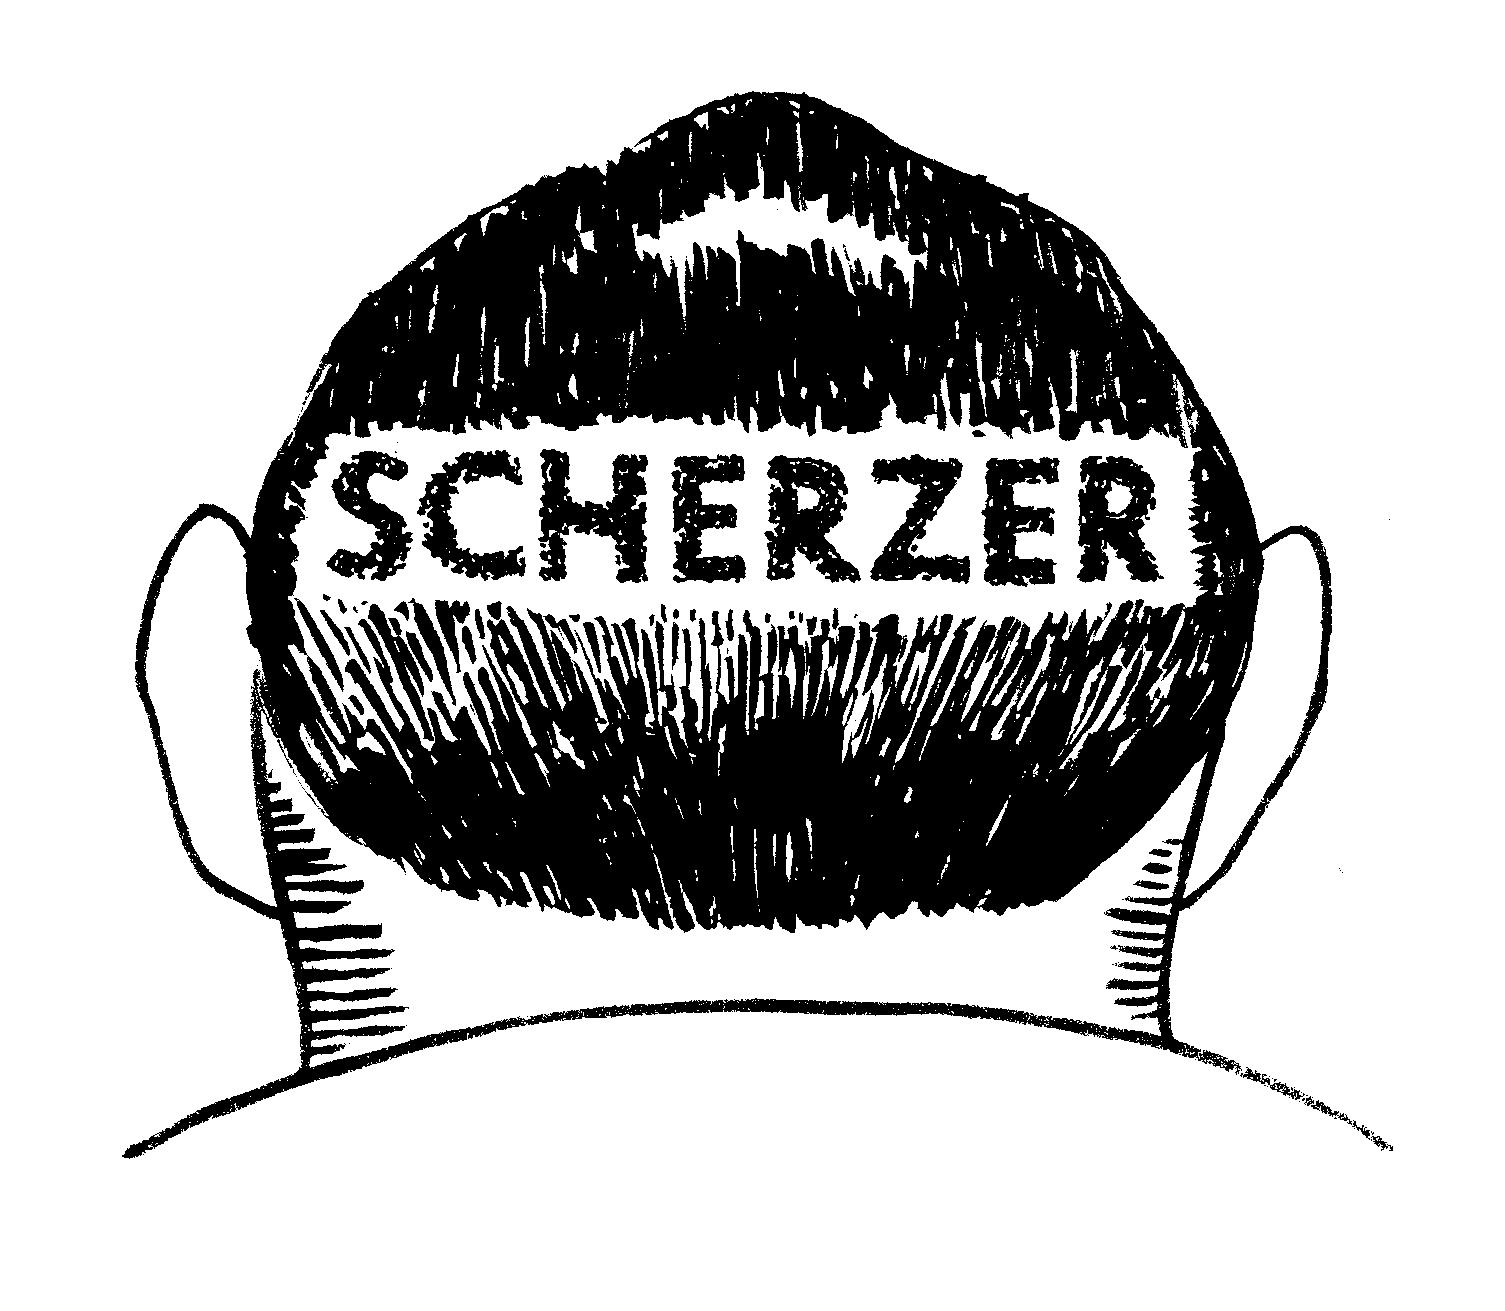 joel Scherzer